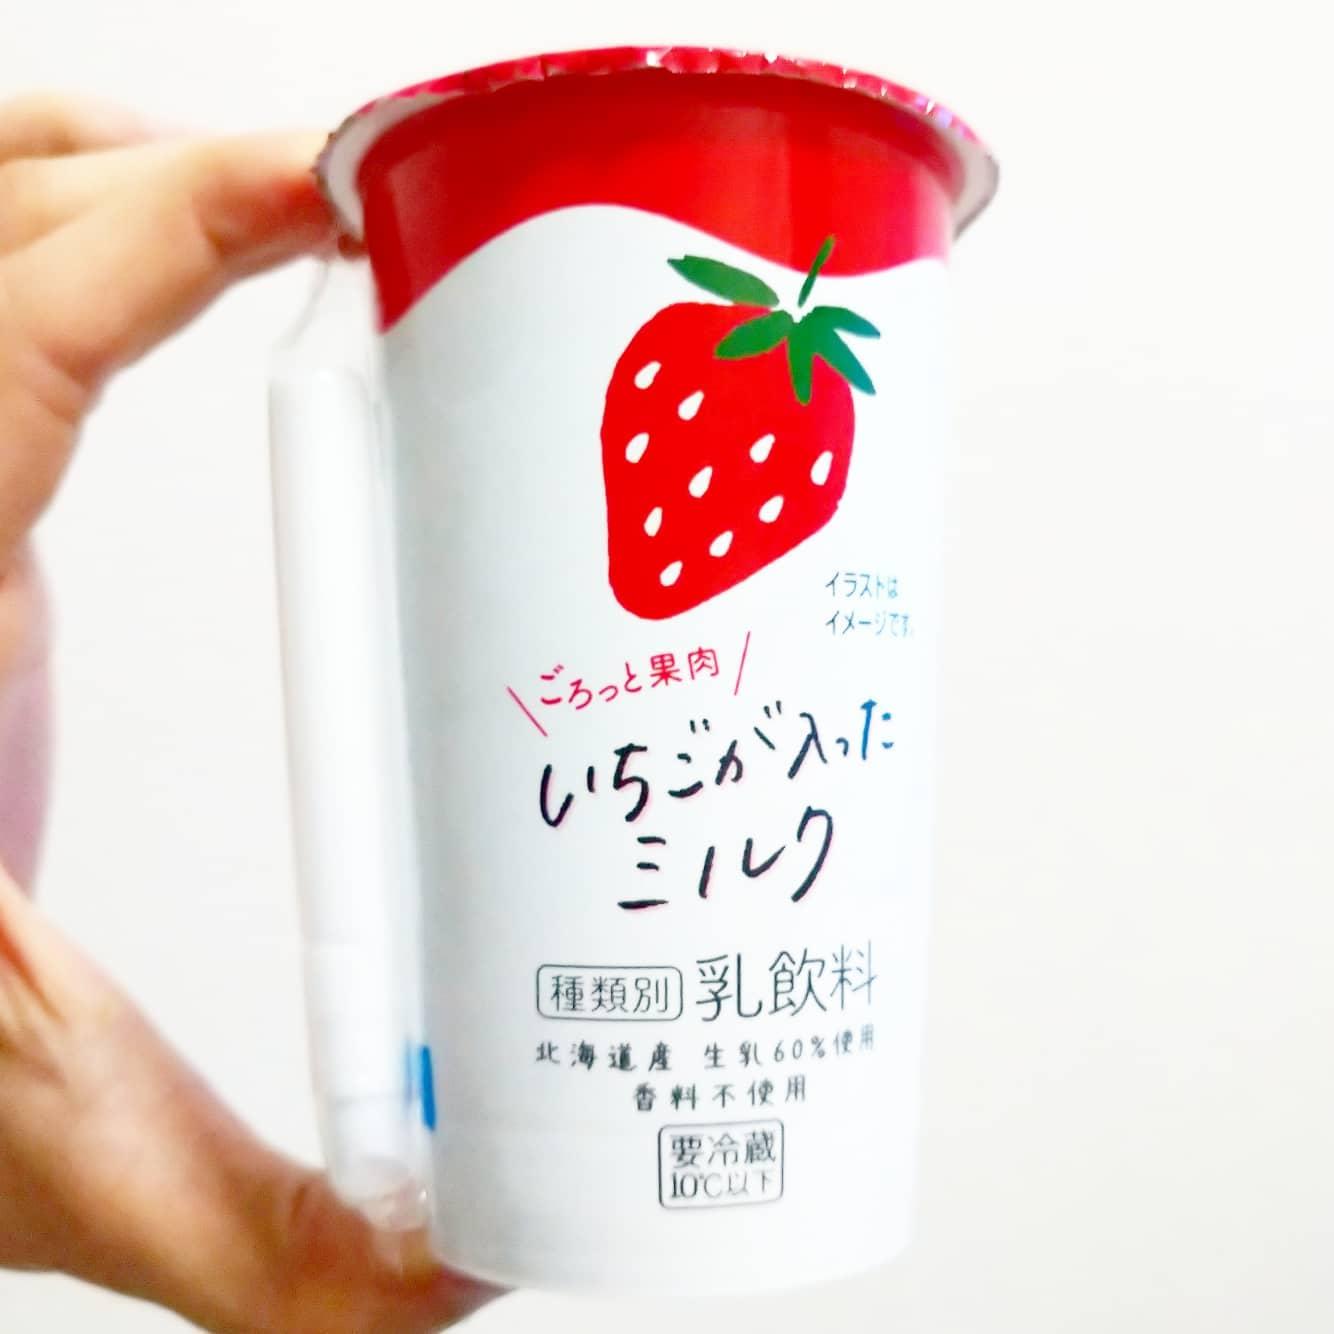 #いちごミルクラブ #北海道乳業 #いちごが入ったミルク 謎イチゴ系-☆---本物イチゴ系甘さ強め系-☆---控え目系こってり系--☆--さっぱり系超ミルク系--☆--生クリーム系おもいで度---☆- #侍猫度ミルキー並にコッテリ甘いミルクにストローが詰まっての見づらいくらいのツブツブ苺で満足度高いやつ!ストロー諦めてフタを剥がして飲んだほうがいいですぞ!これはいちごミルクマニアも満足だよ。一般の方は甘すぎるかもねコンビニで買ったやつだよ。#いちごオレ #いちごオレ味 #いちごミルク #いちごミルクみたい #いちご牛乳 #いちご牛乳味 #イチゴ牛乳 #いちご牛乳クラブ #苺牛乳 #苺牛乳が好き #苺ミルク #苺スイーツ #苺 #苺好きに生まれたからには #メソギア派 #糖分 #いちごミルク味 #スイーツ #スイーツ好き #スイーツスタグラム #スイーツタイム #スイーツ写真 #strawberry #strawberrymilk